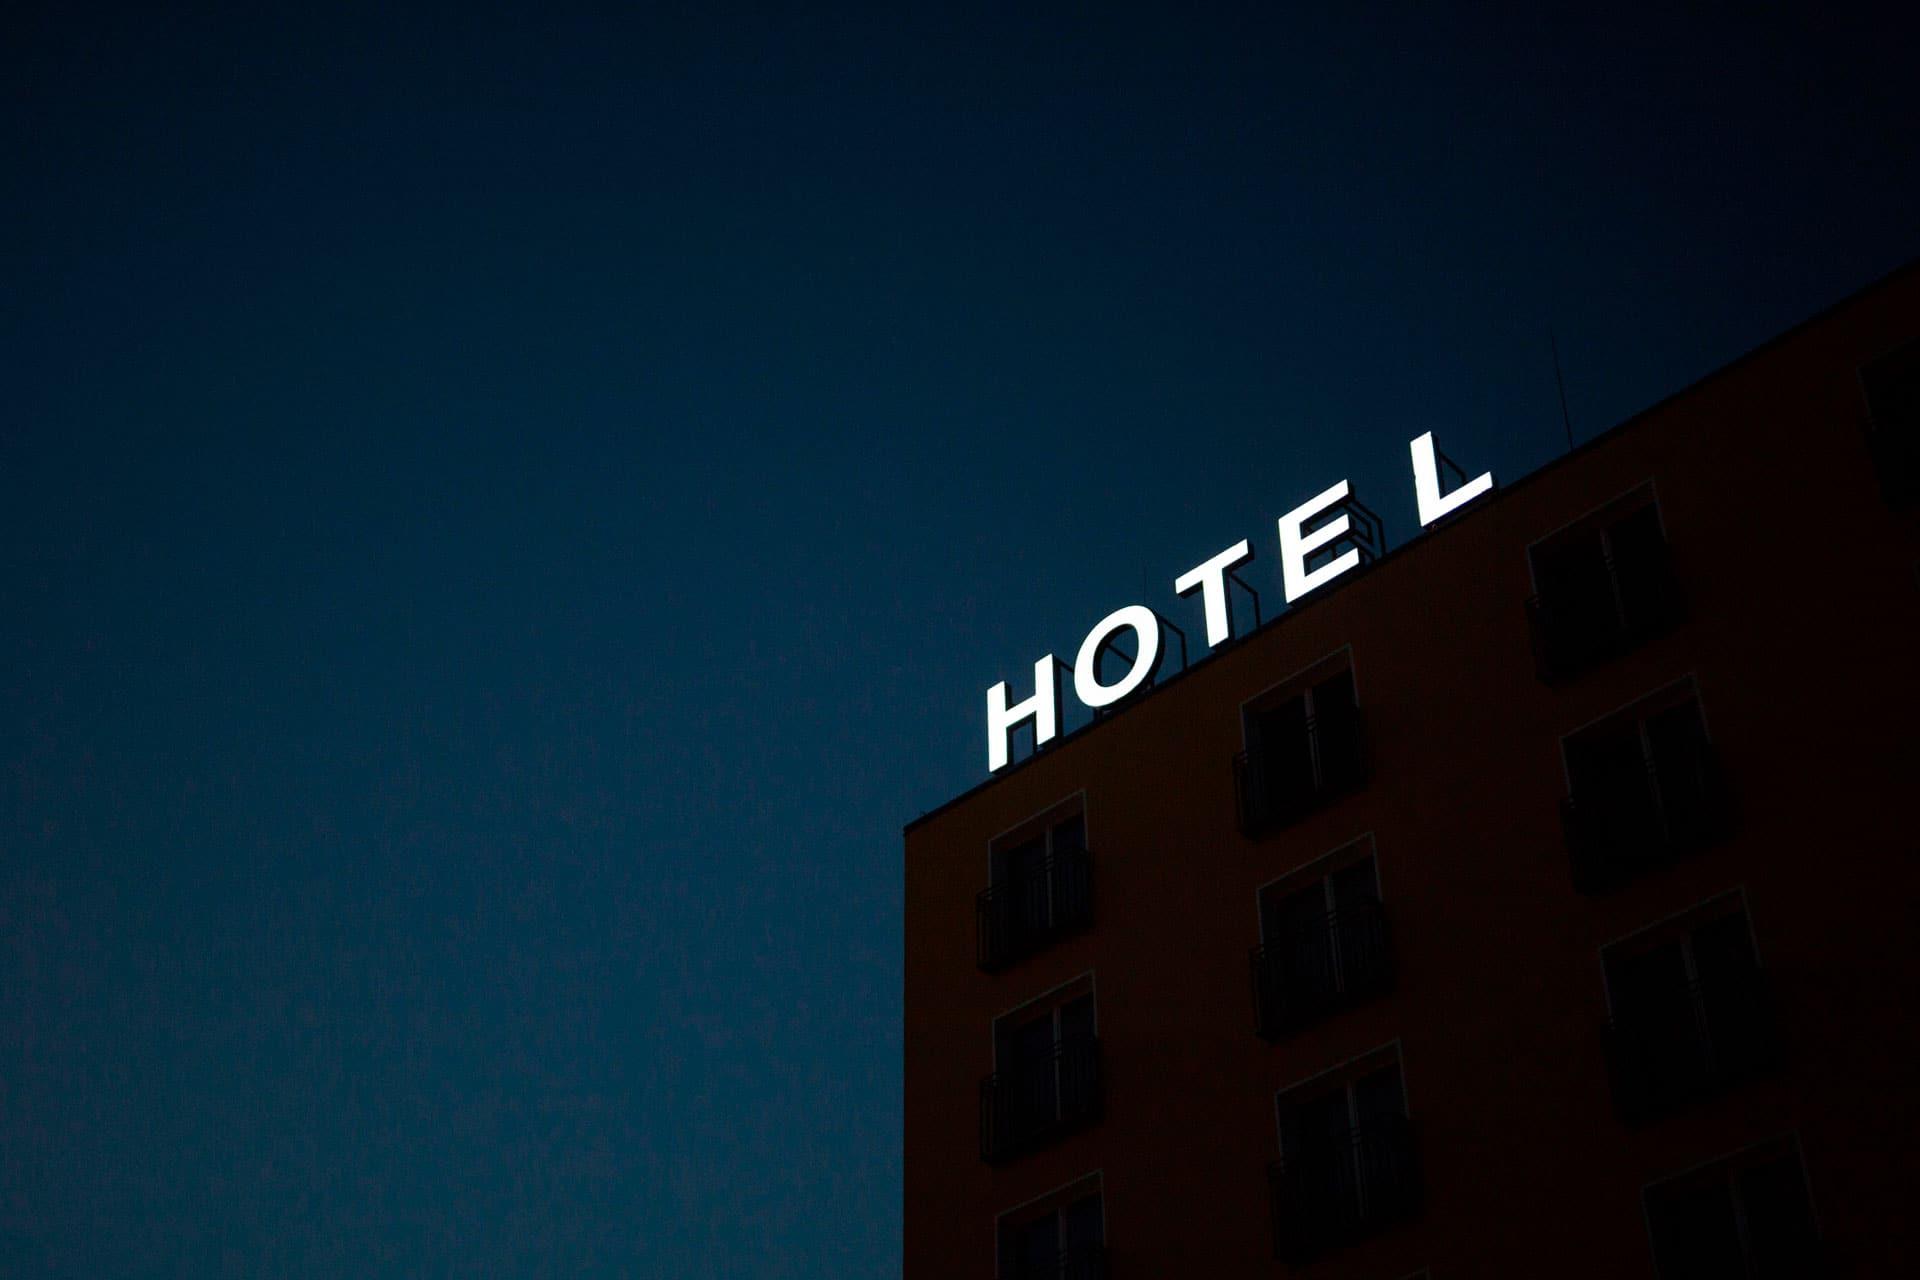 Hotell og motell